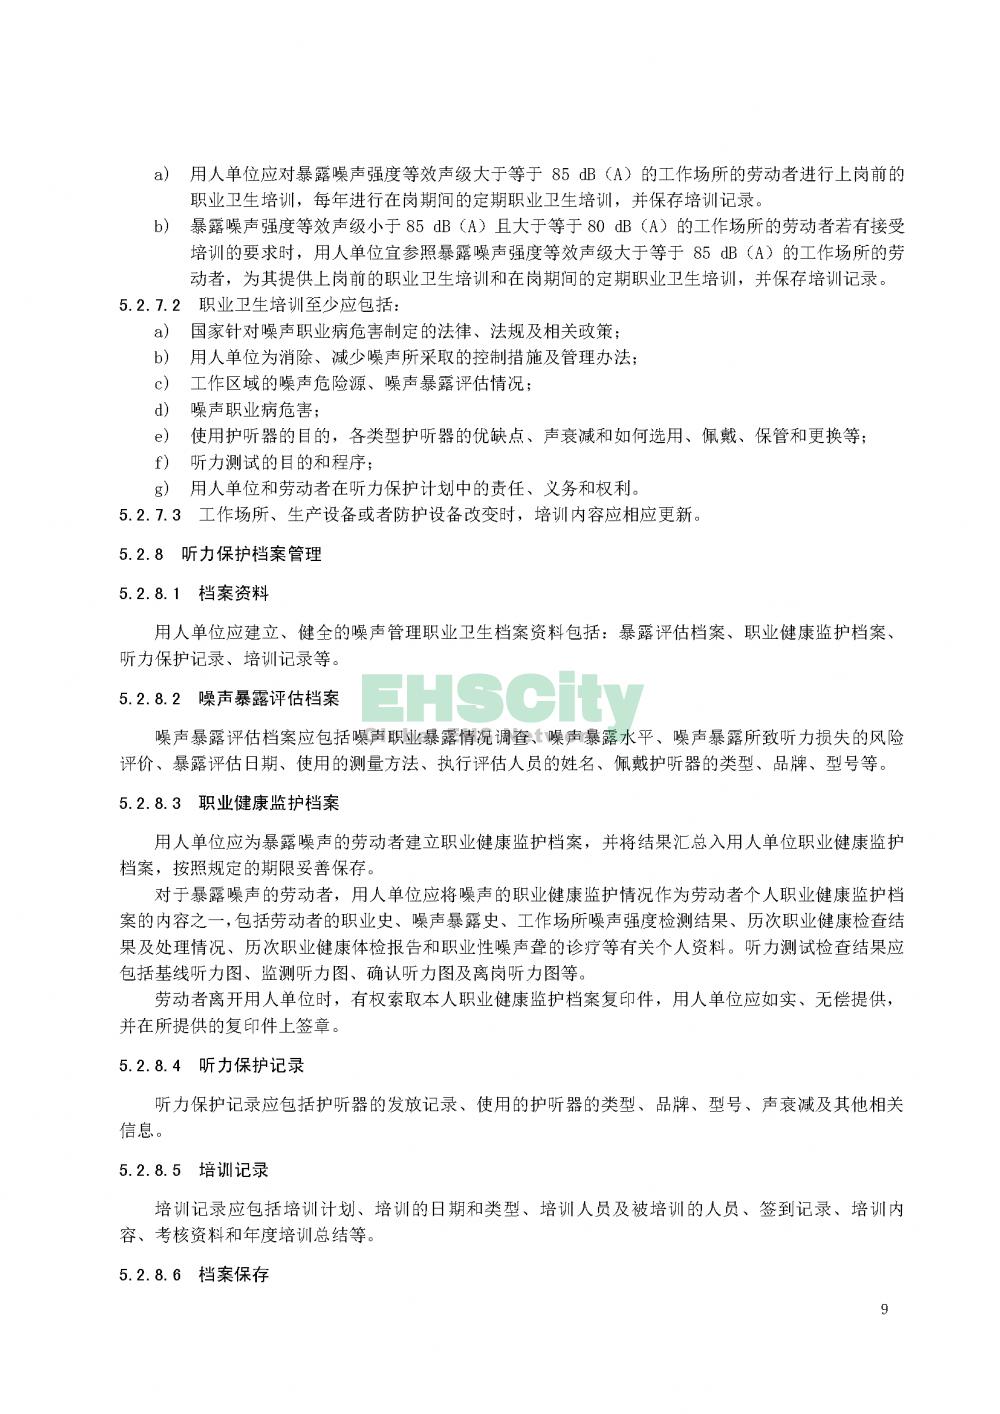 噪声职业病危害风险管理指南_页面_12